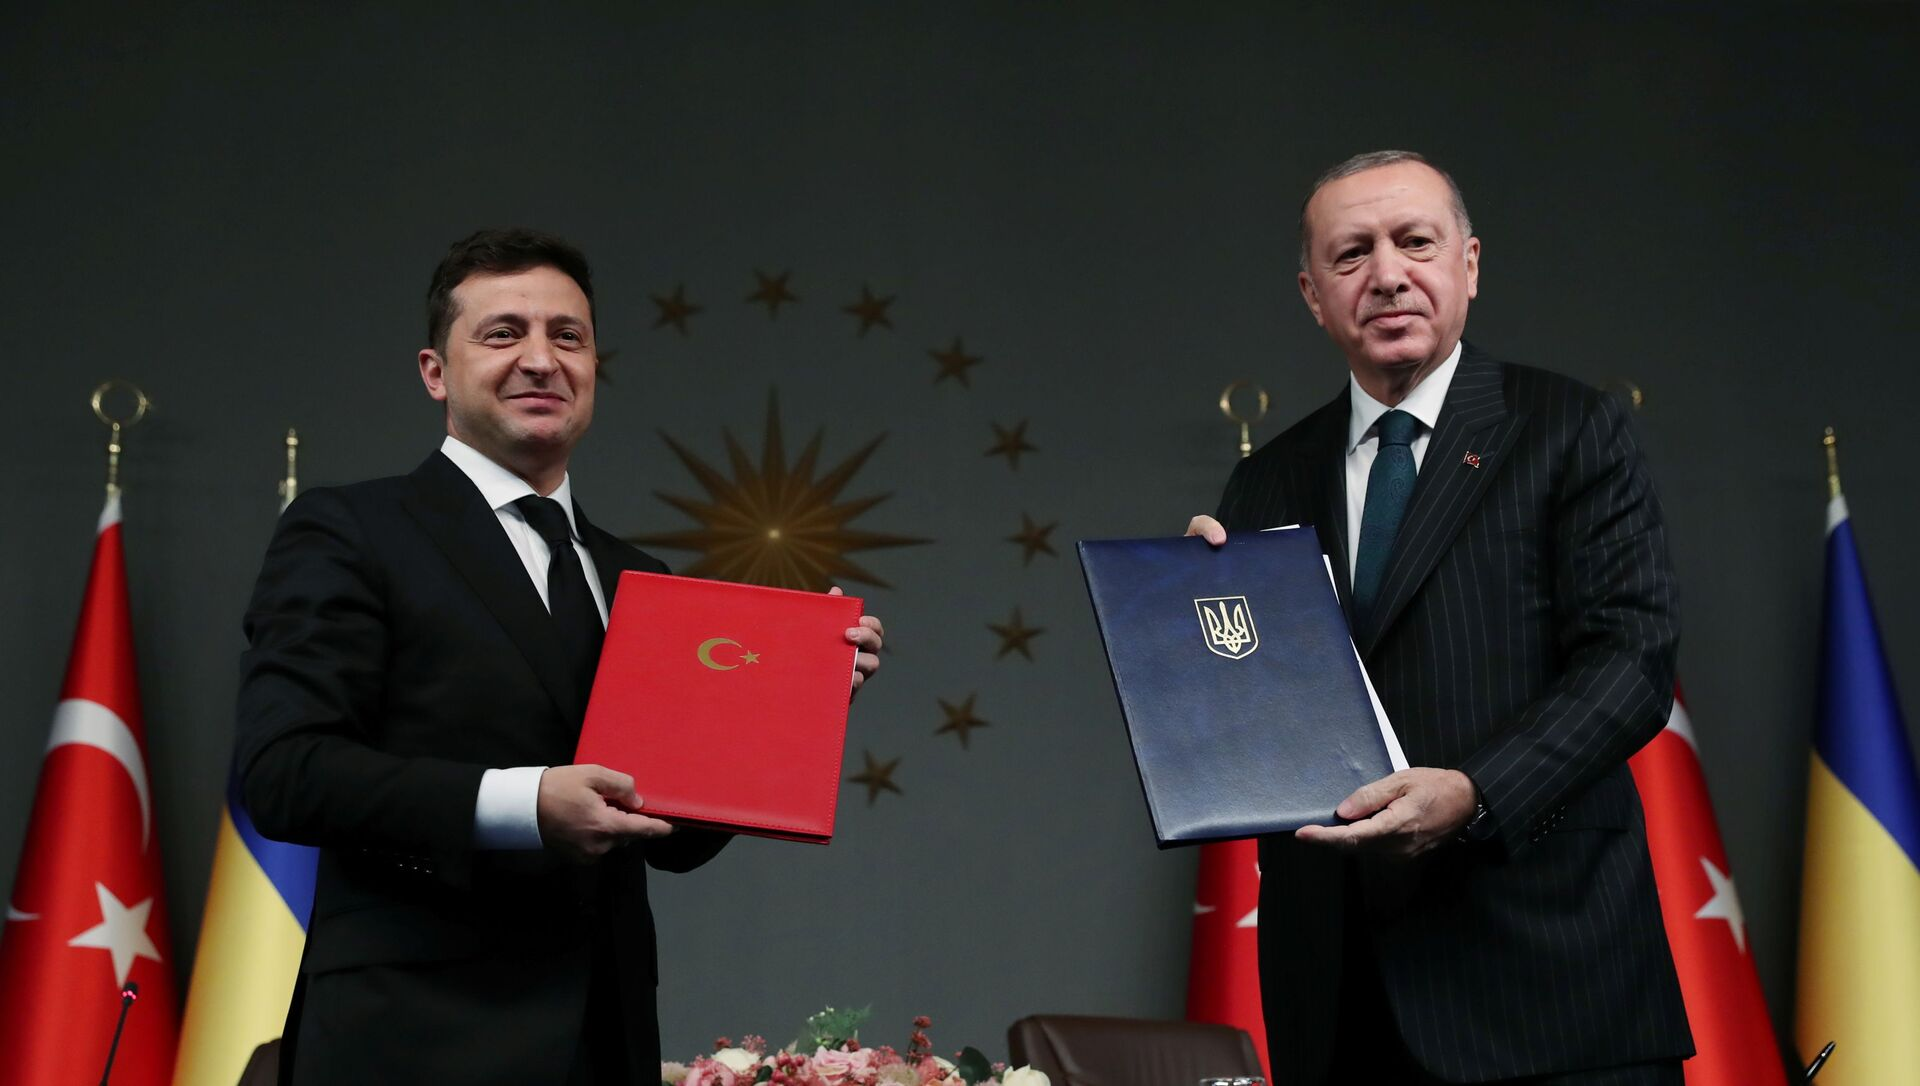 El presidente de Turquía, Recep Tayyip Erdogan y el presidente de Ucrania, Volodímir Zelenski - Sputnik Mundo, 1920, 16.10.2020